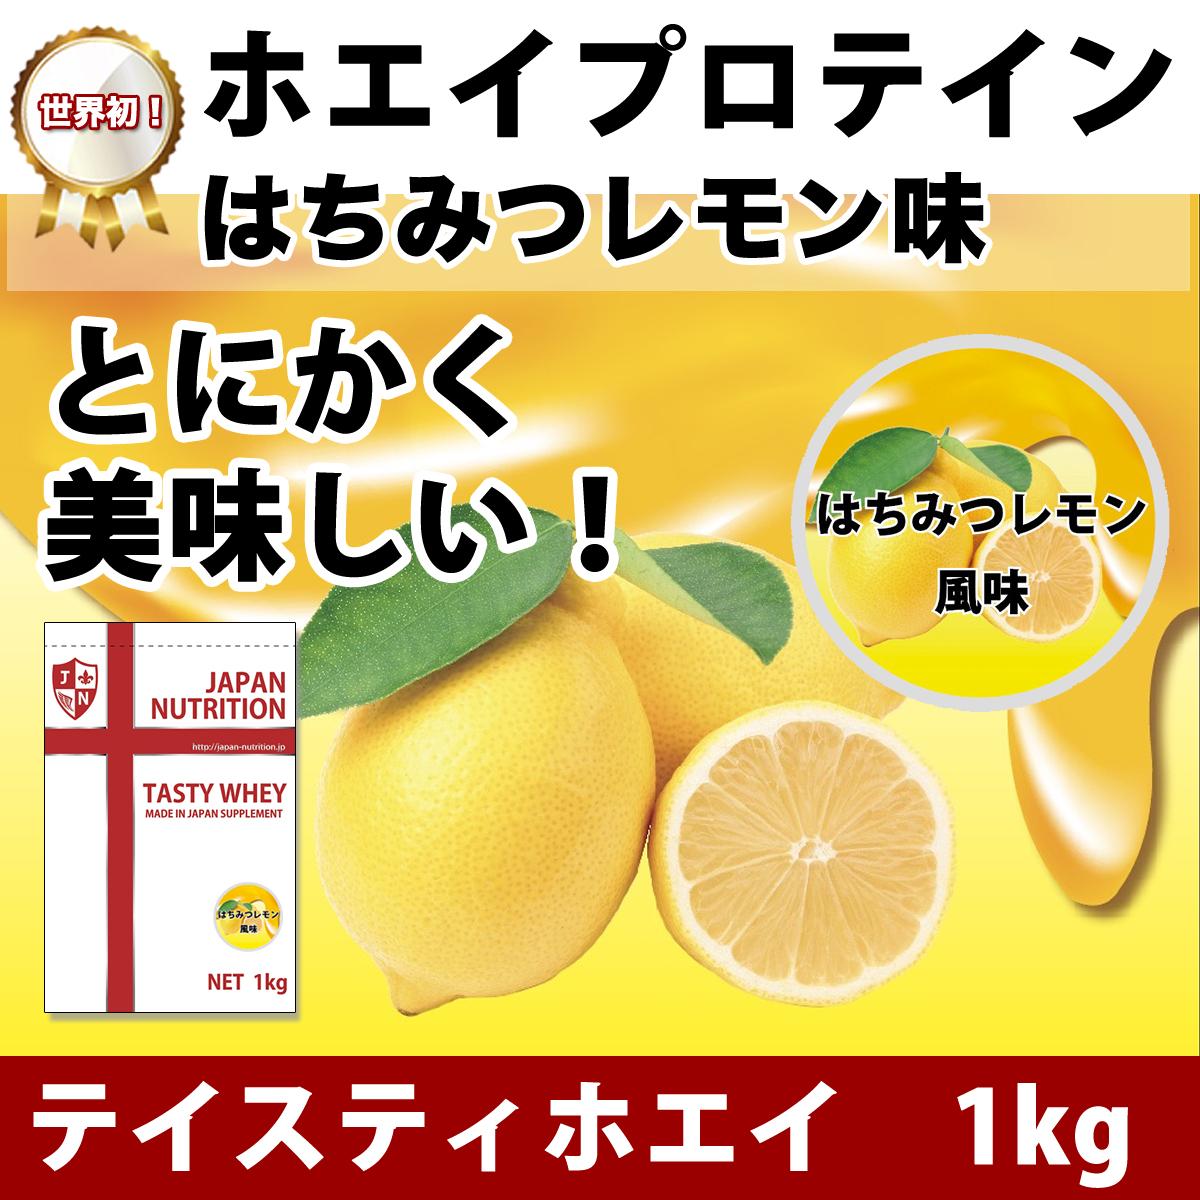 【はちみつレモン味のホエイプロテイン1kg】日本製で美味しい♪高品質低価格で全6味◆よりどり3つ以上で送料無料◆1㎏で税込2,480円_画像1